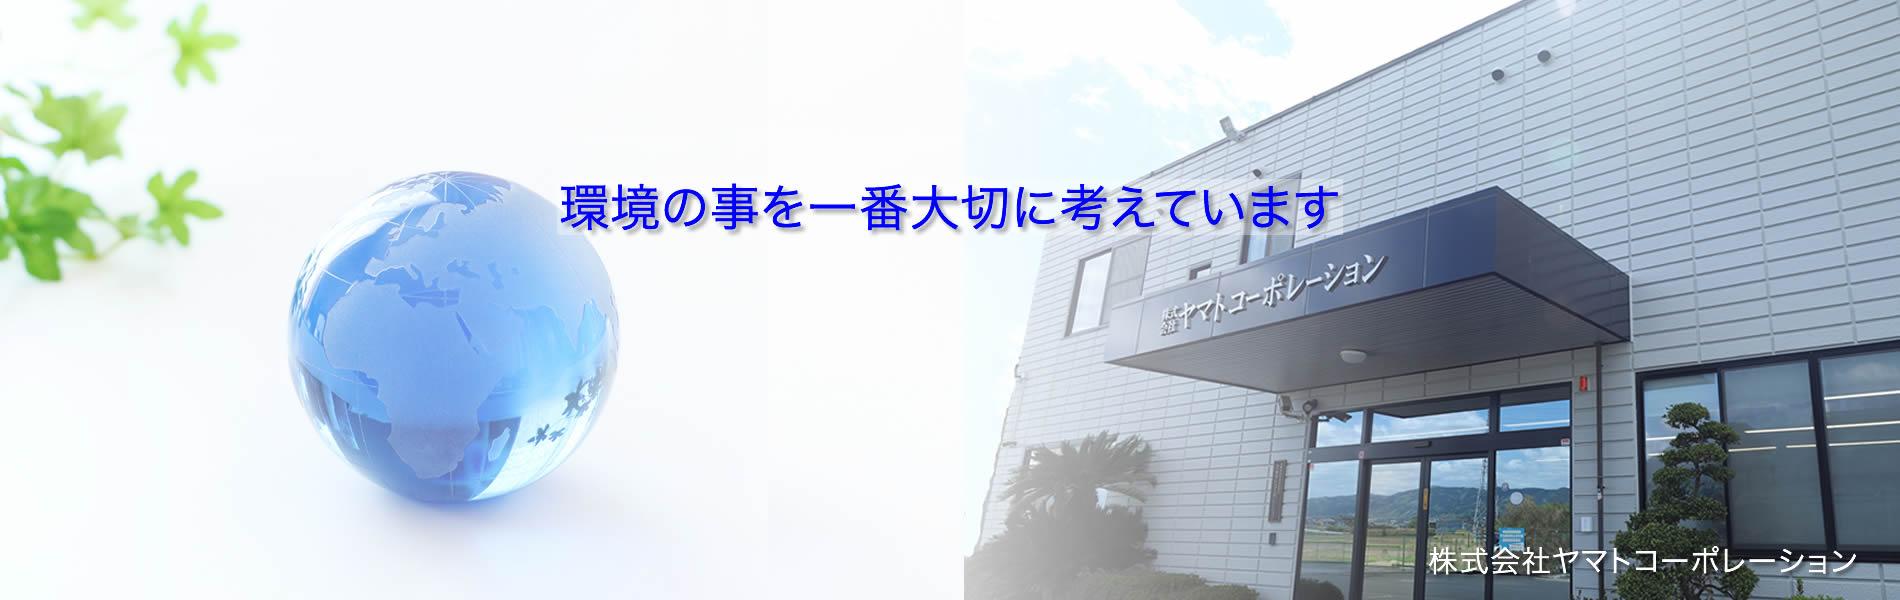 奈良県大和郡山市の廃棄物処理及び、運搬はヤマトコーポレーションへご相談ください